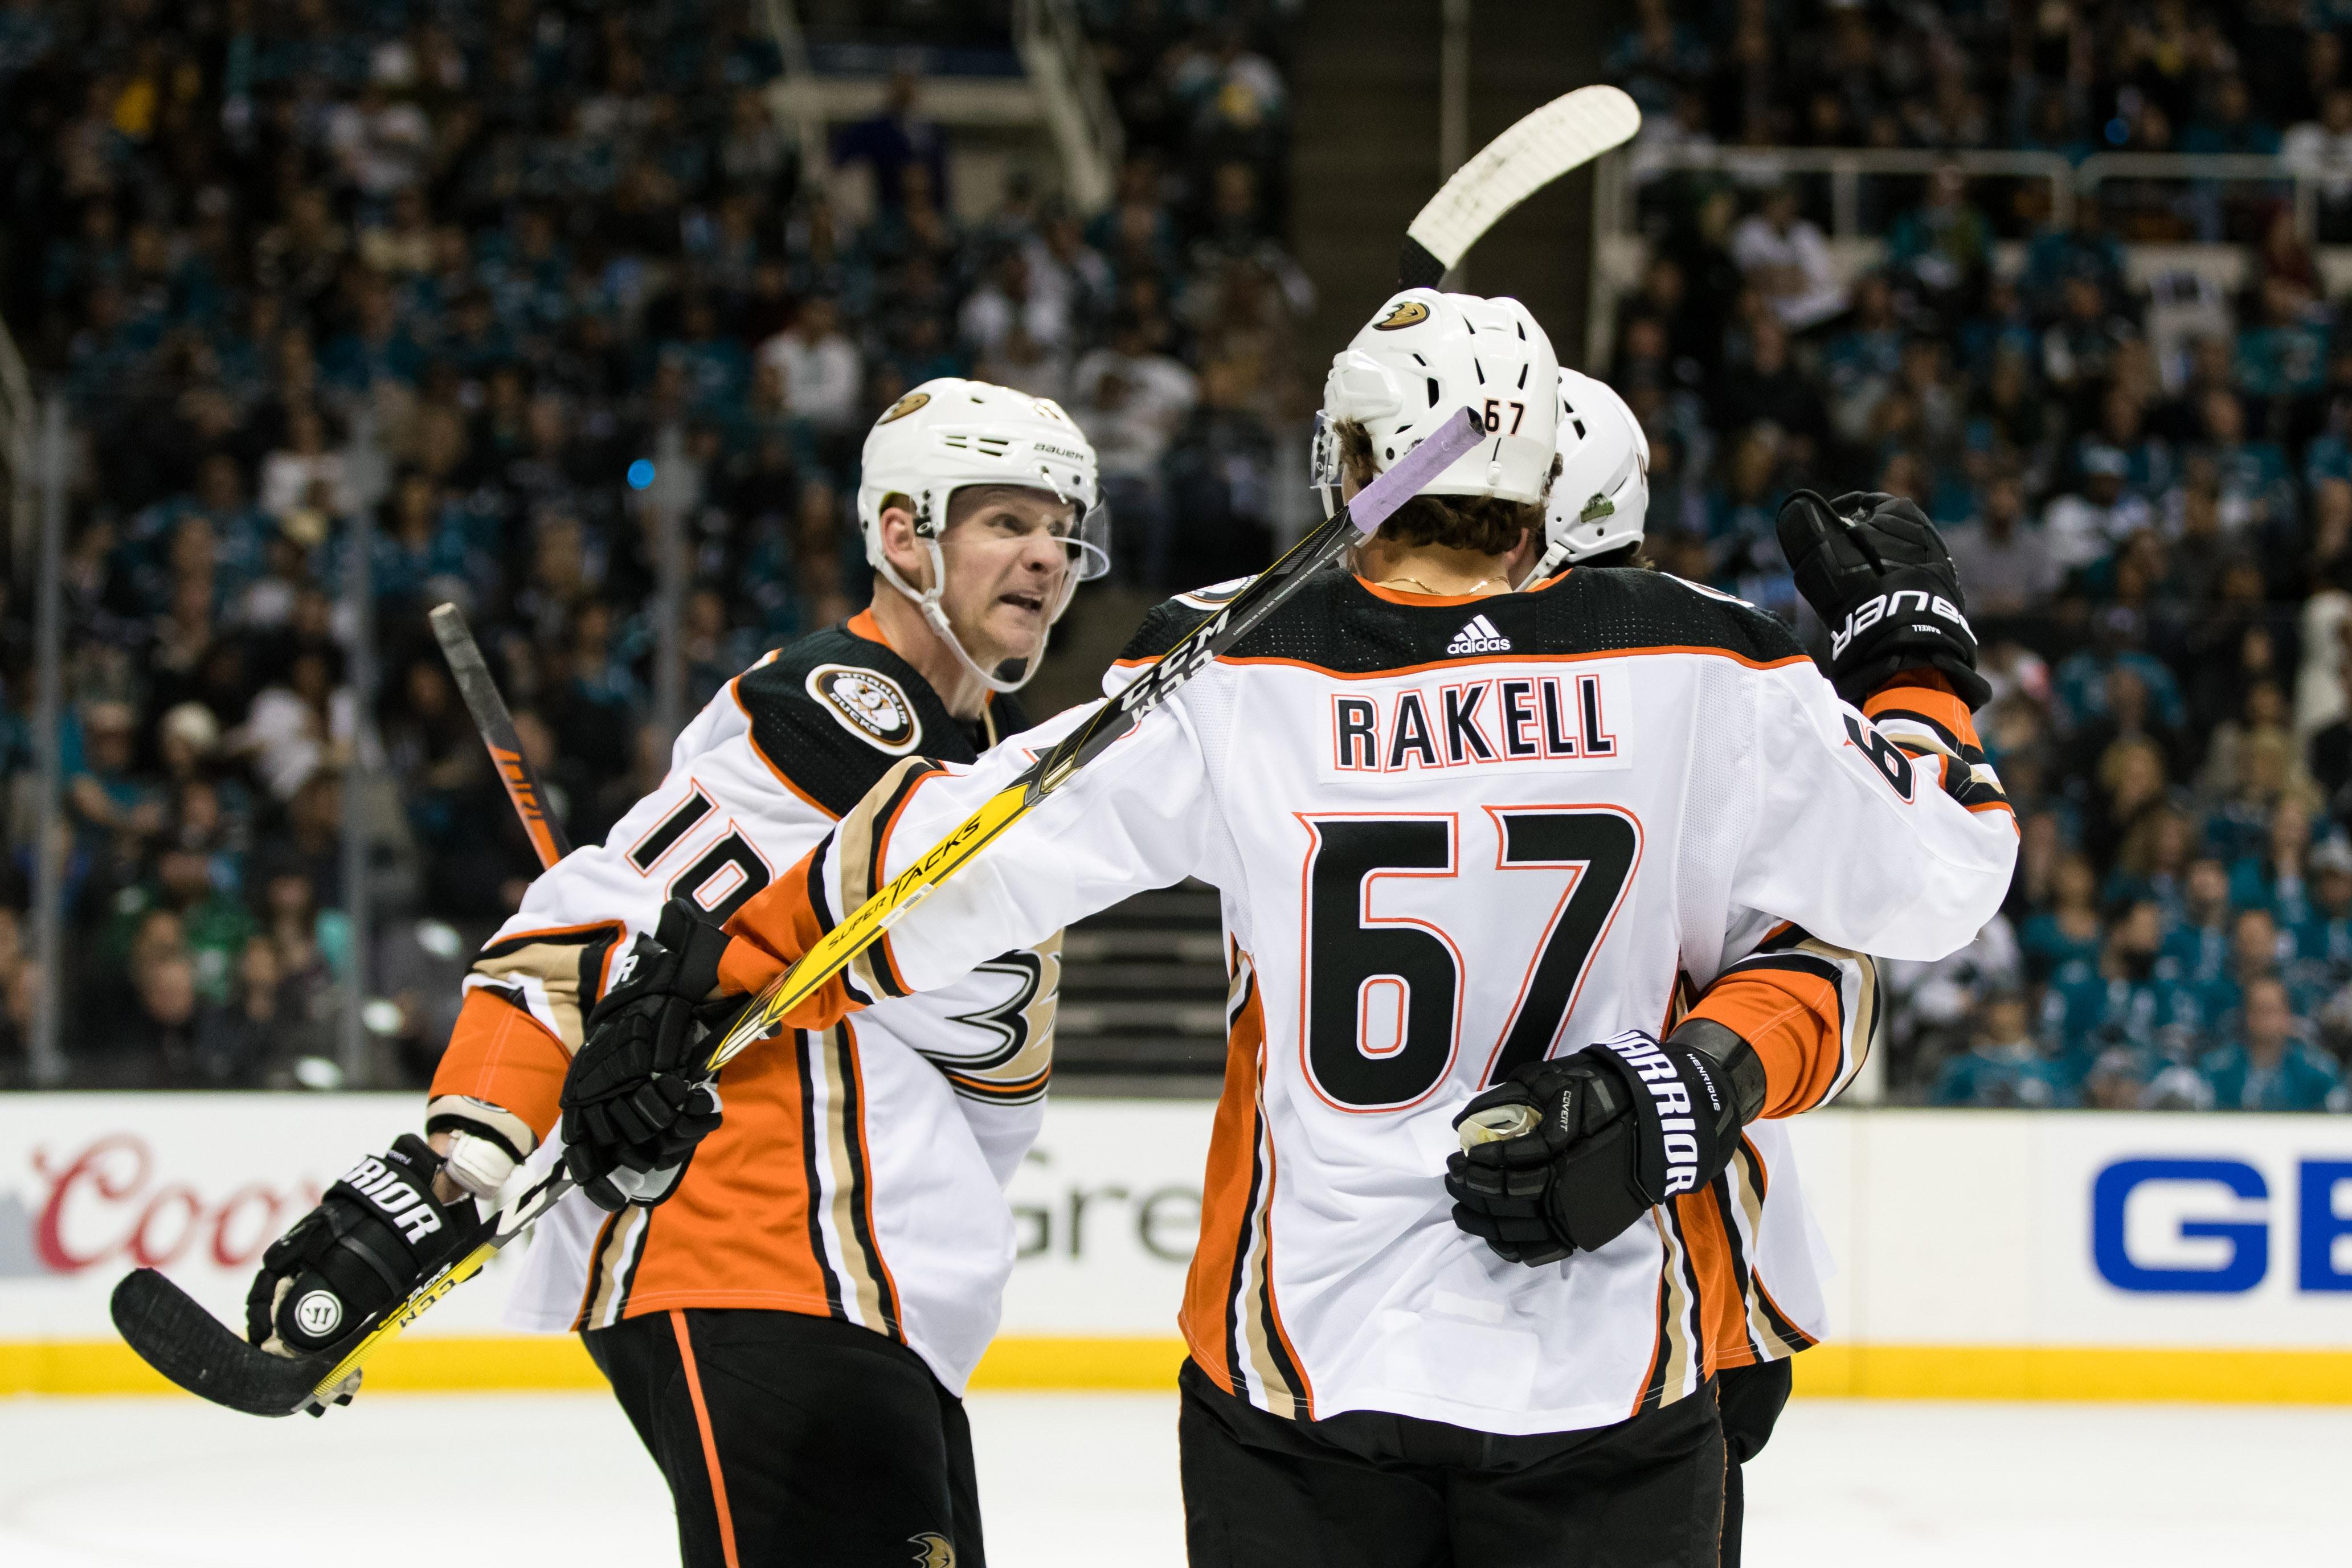 NHL: Stanley Cup Playoffs-Anaheim Ducks at San Jose Sharks